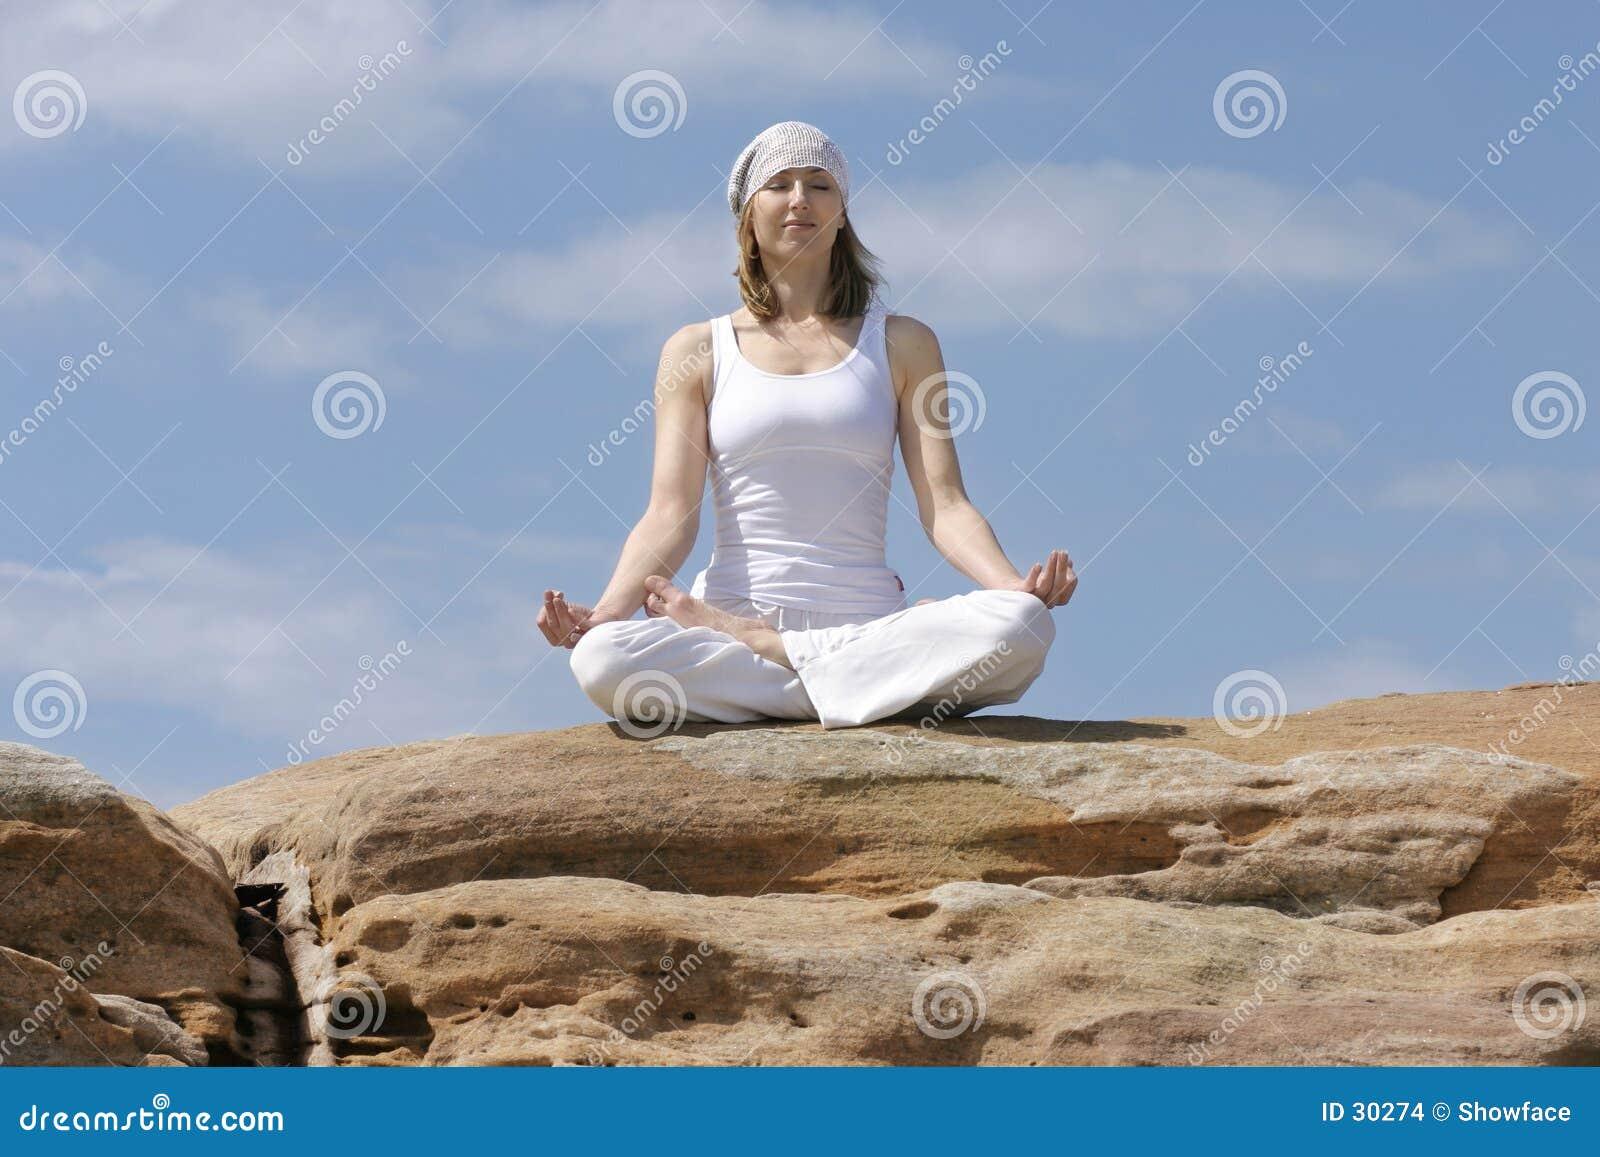 Yoga Meditation Stock Images - Image: 30274